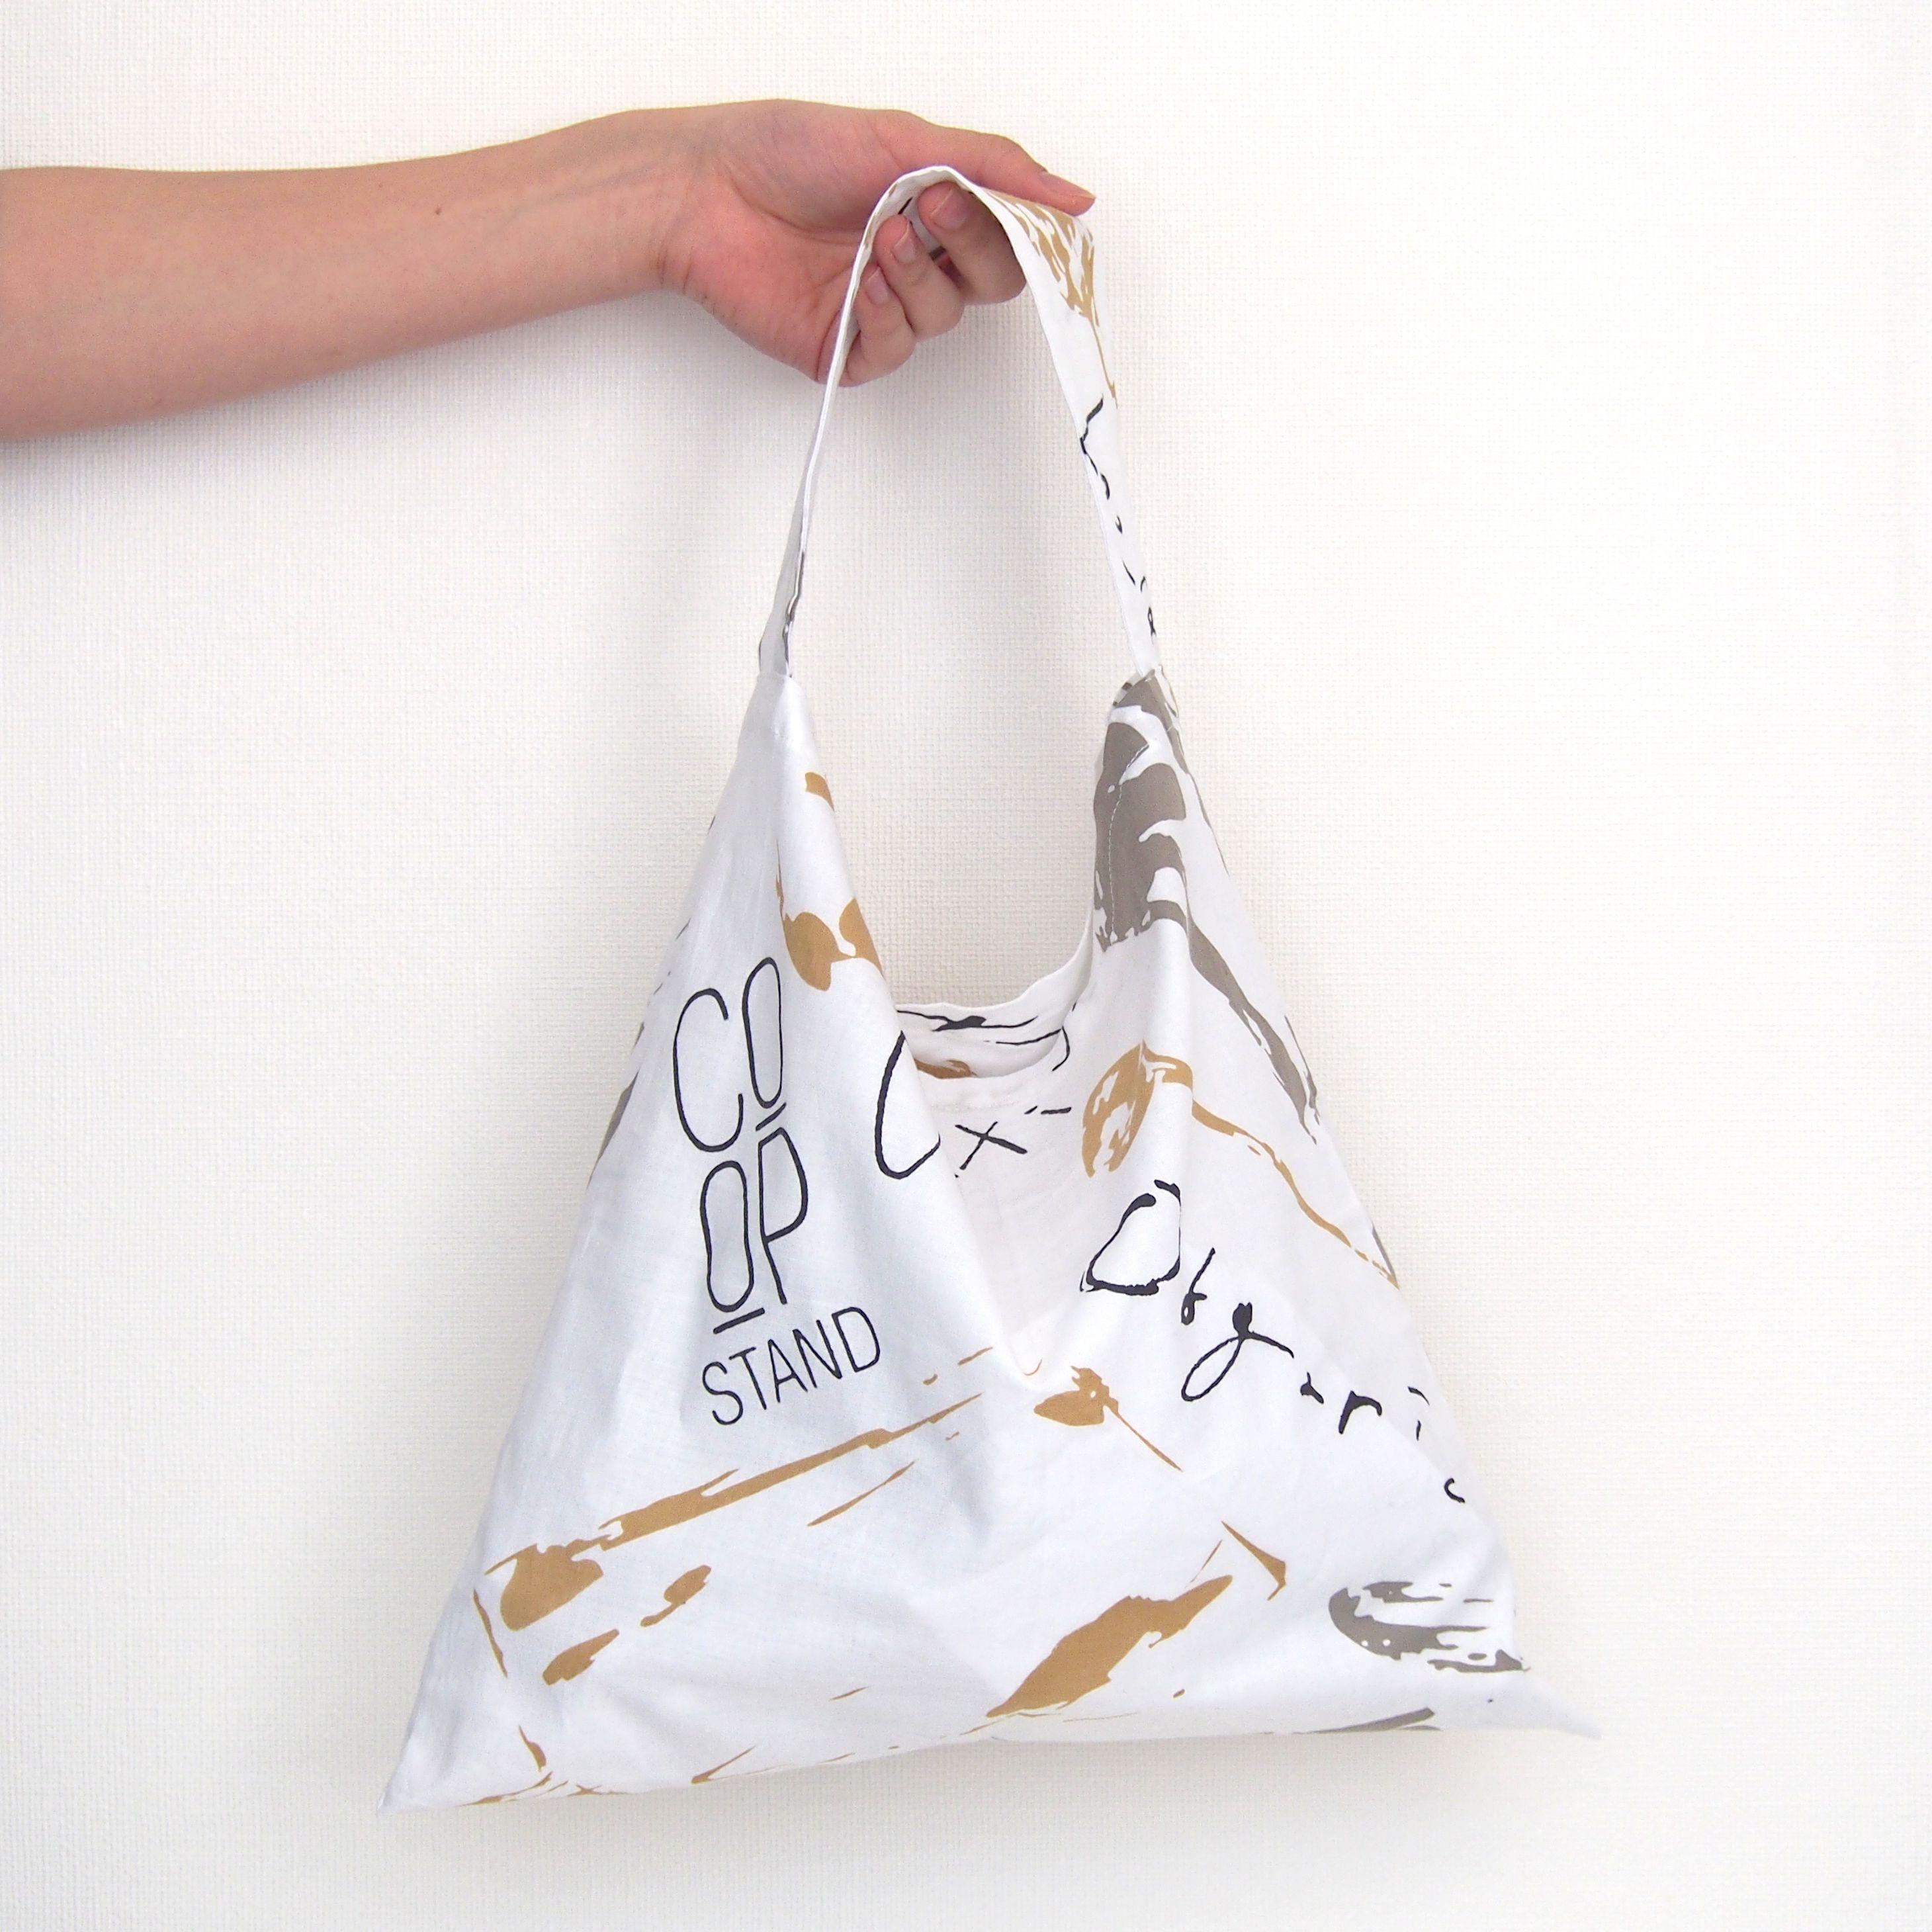 5,000円(税抜)以上のお買い上げで、てぬぐいバッグプレゼント   COOP STAND   ショップニュース 東急プラザ銀座   東急プラザ